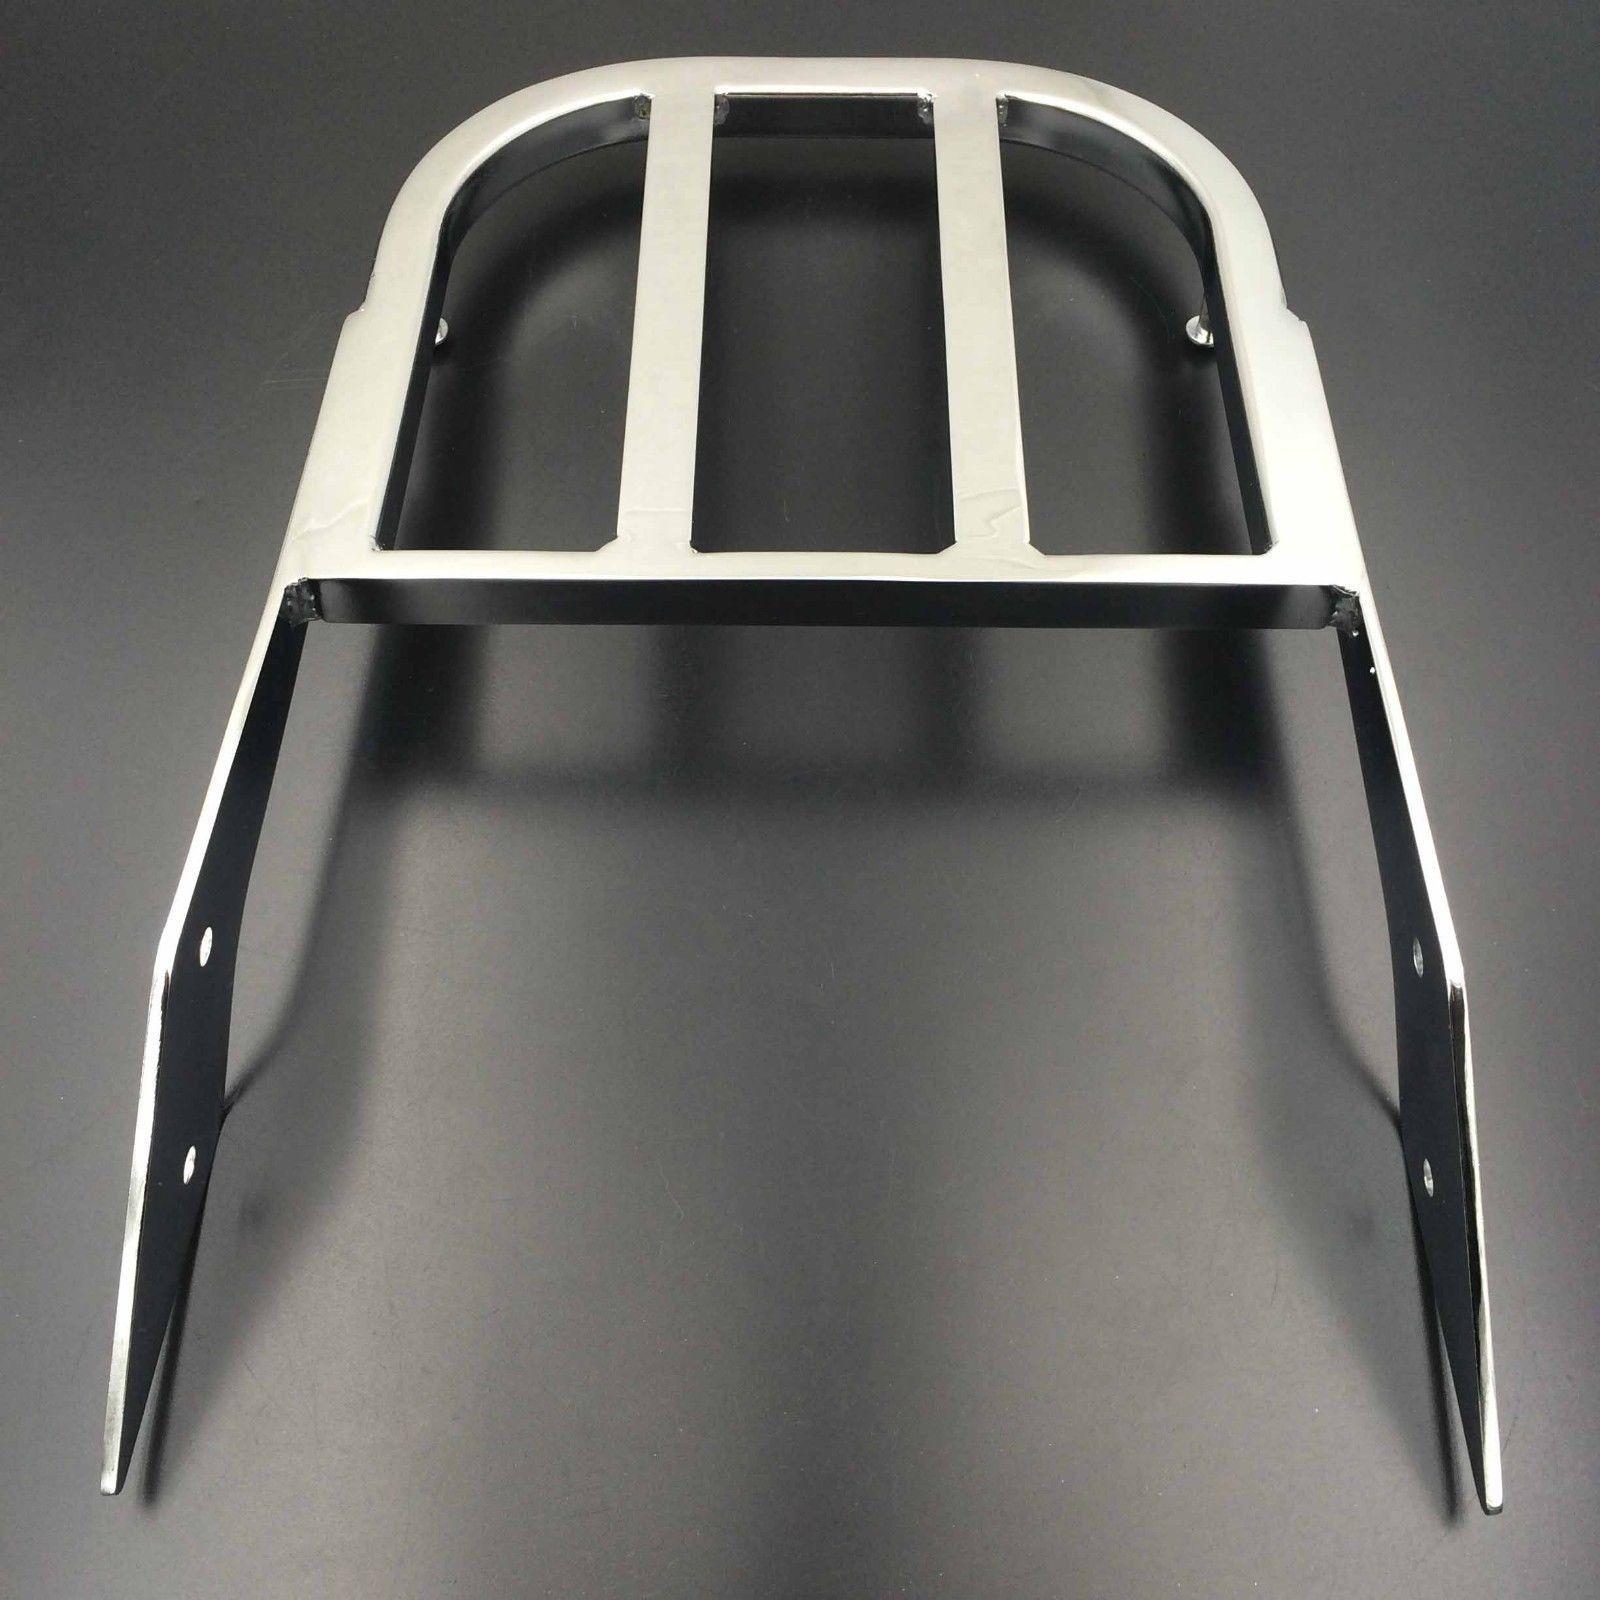 Хром Сисси бар багажная сетка для 03-06 Хонда VTX 1300 VTX 1800 2002-2008 Н Н